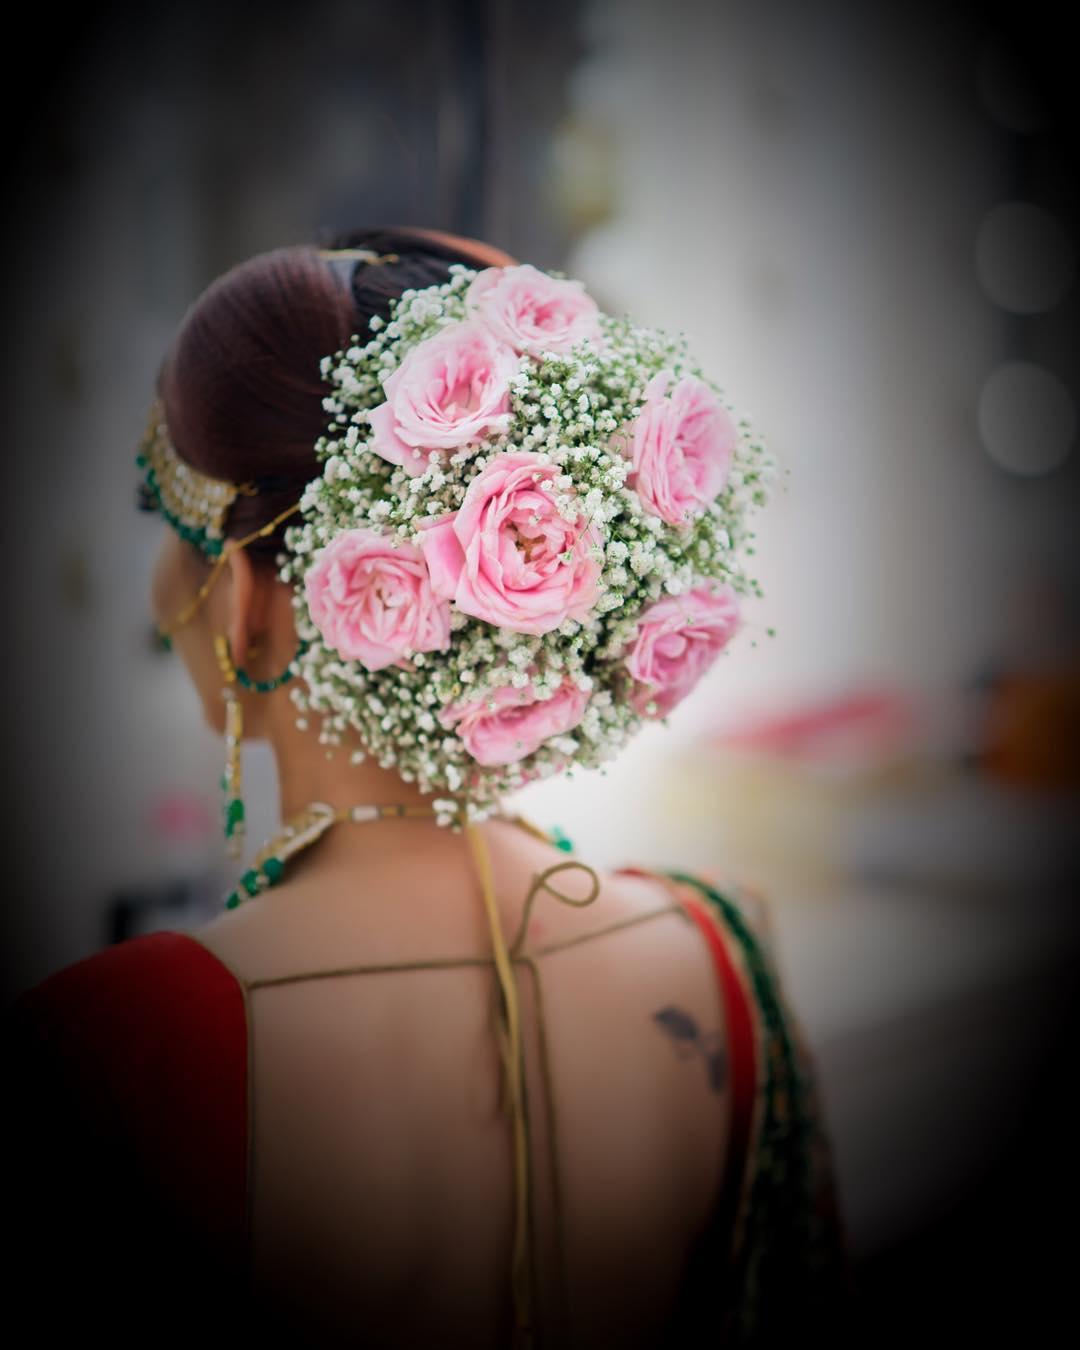 Floral Bun Hairstyles for Brides Pink rose floral bun: Top 15 Floral Bun Hairstyles for Brides this Wedding Season